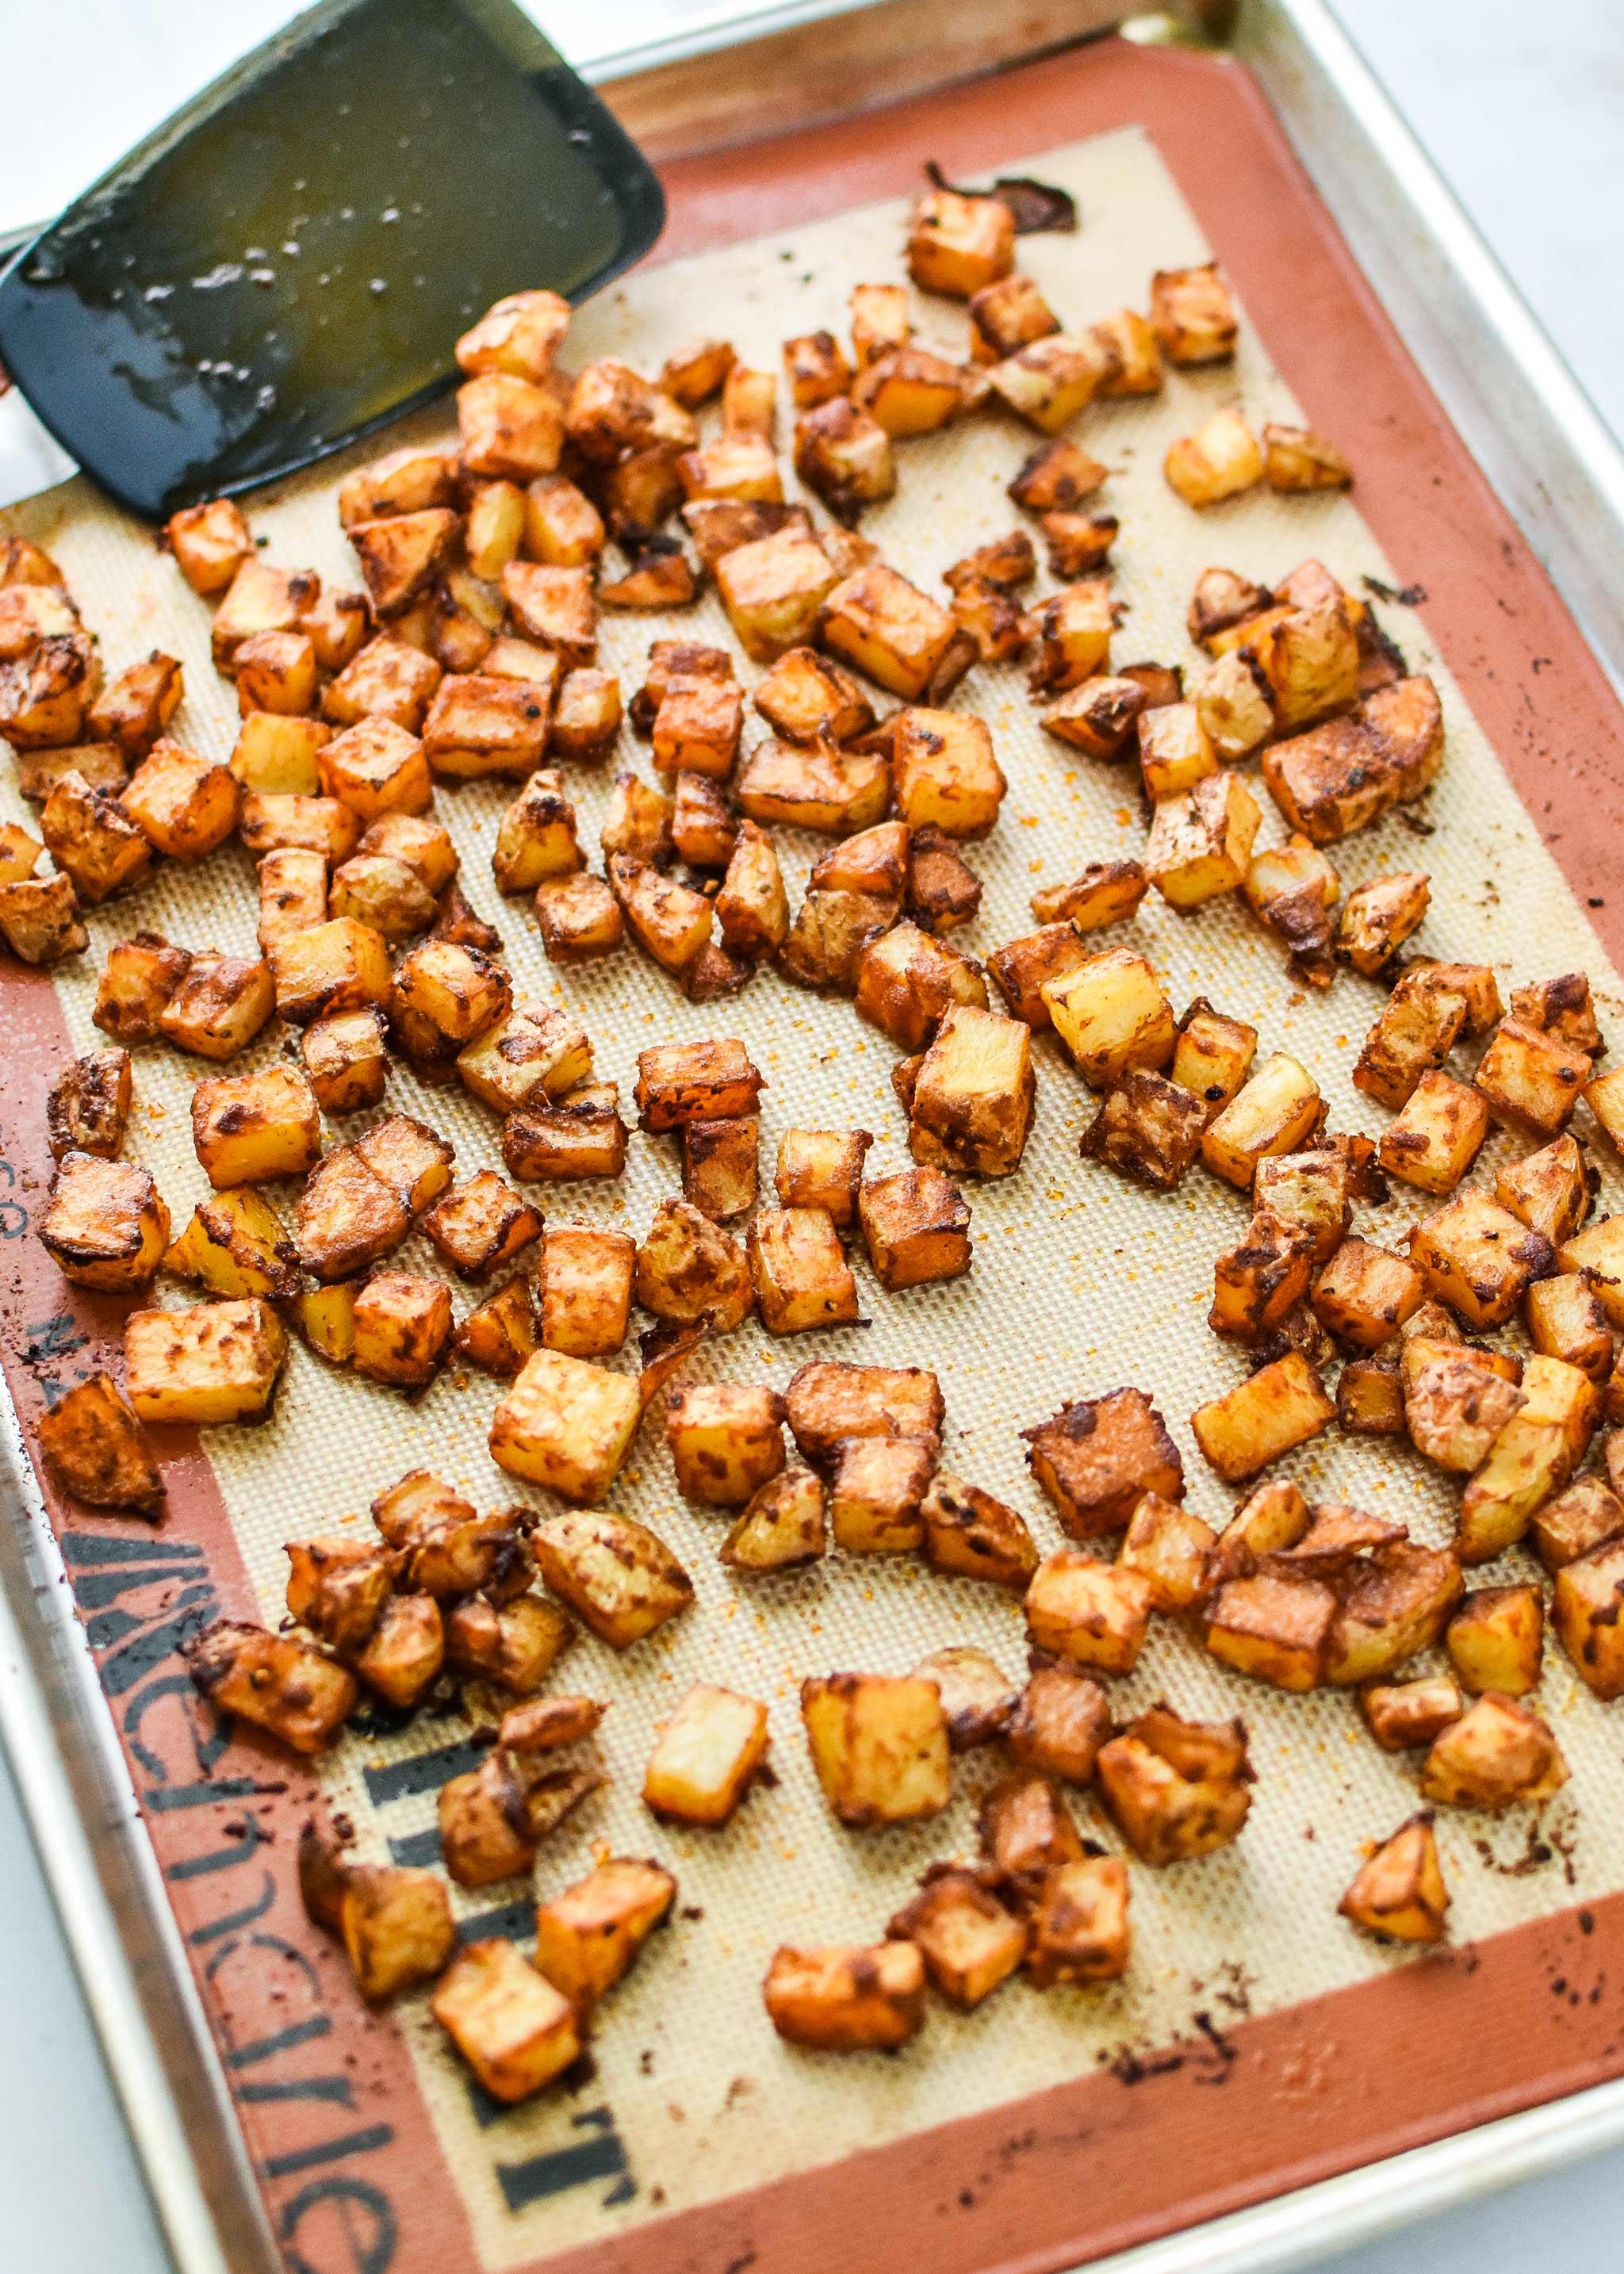 crispy looking breakfast potatoes on a sheet pan